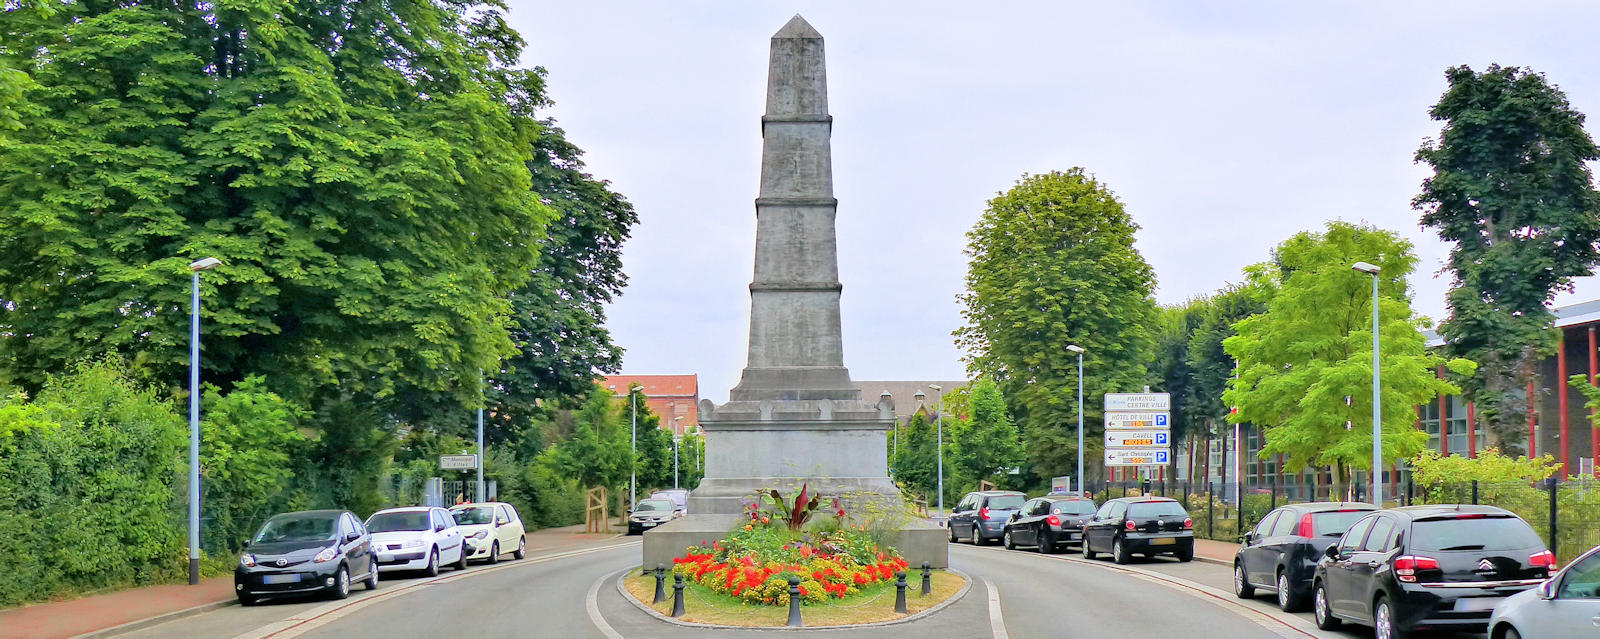 Bataille de Tourcoing de 1794 - Monument commémoratif, avenue Millet.